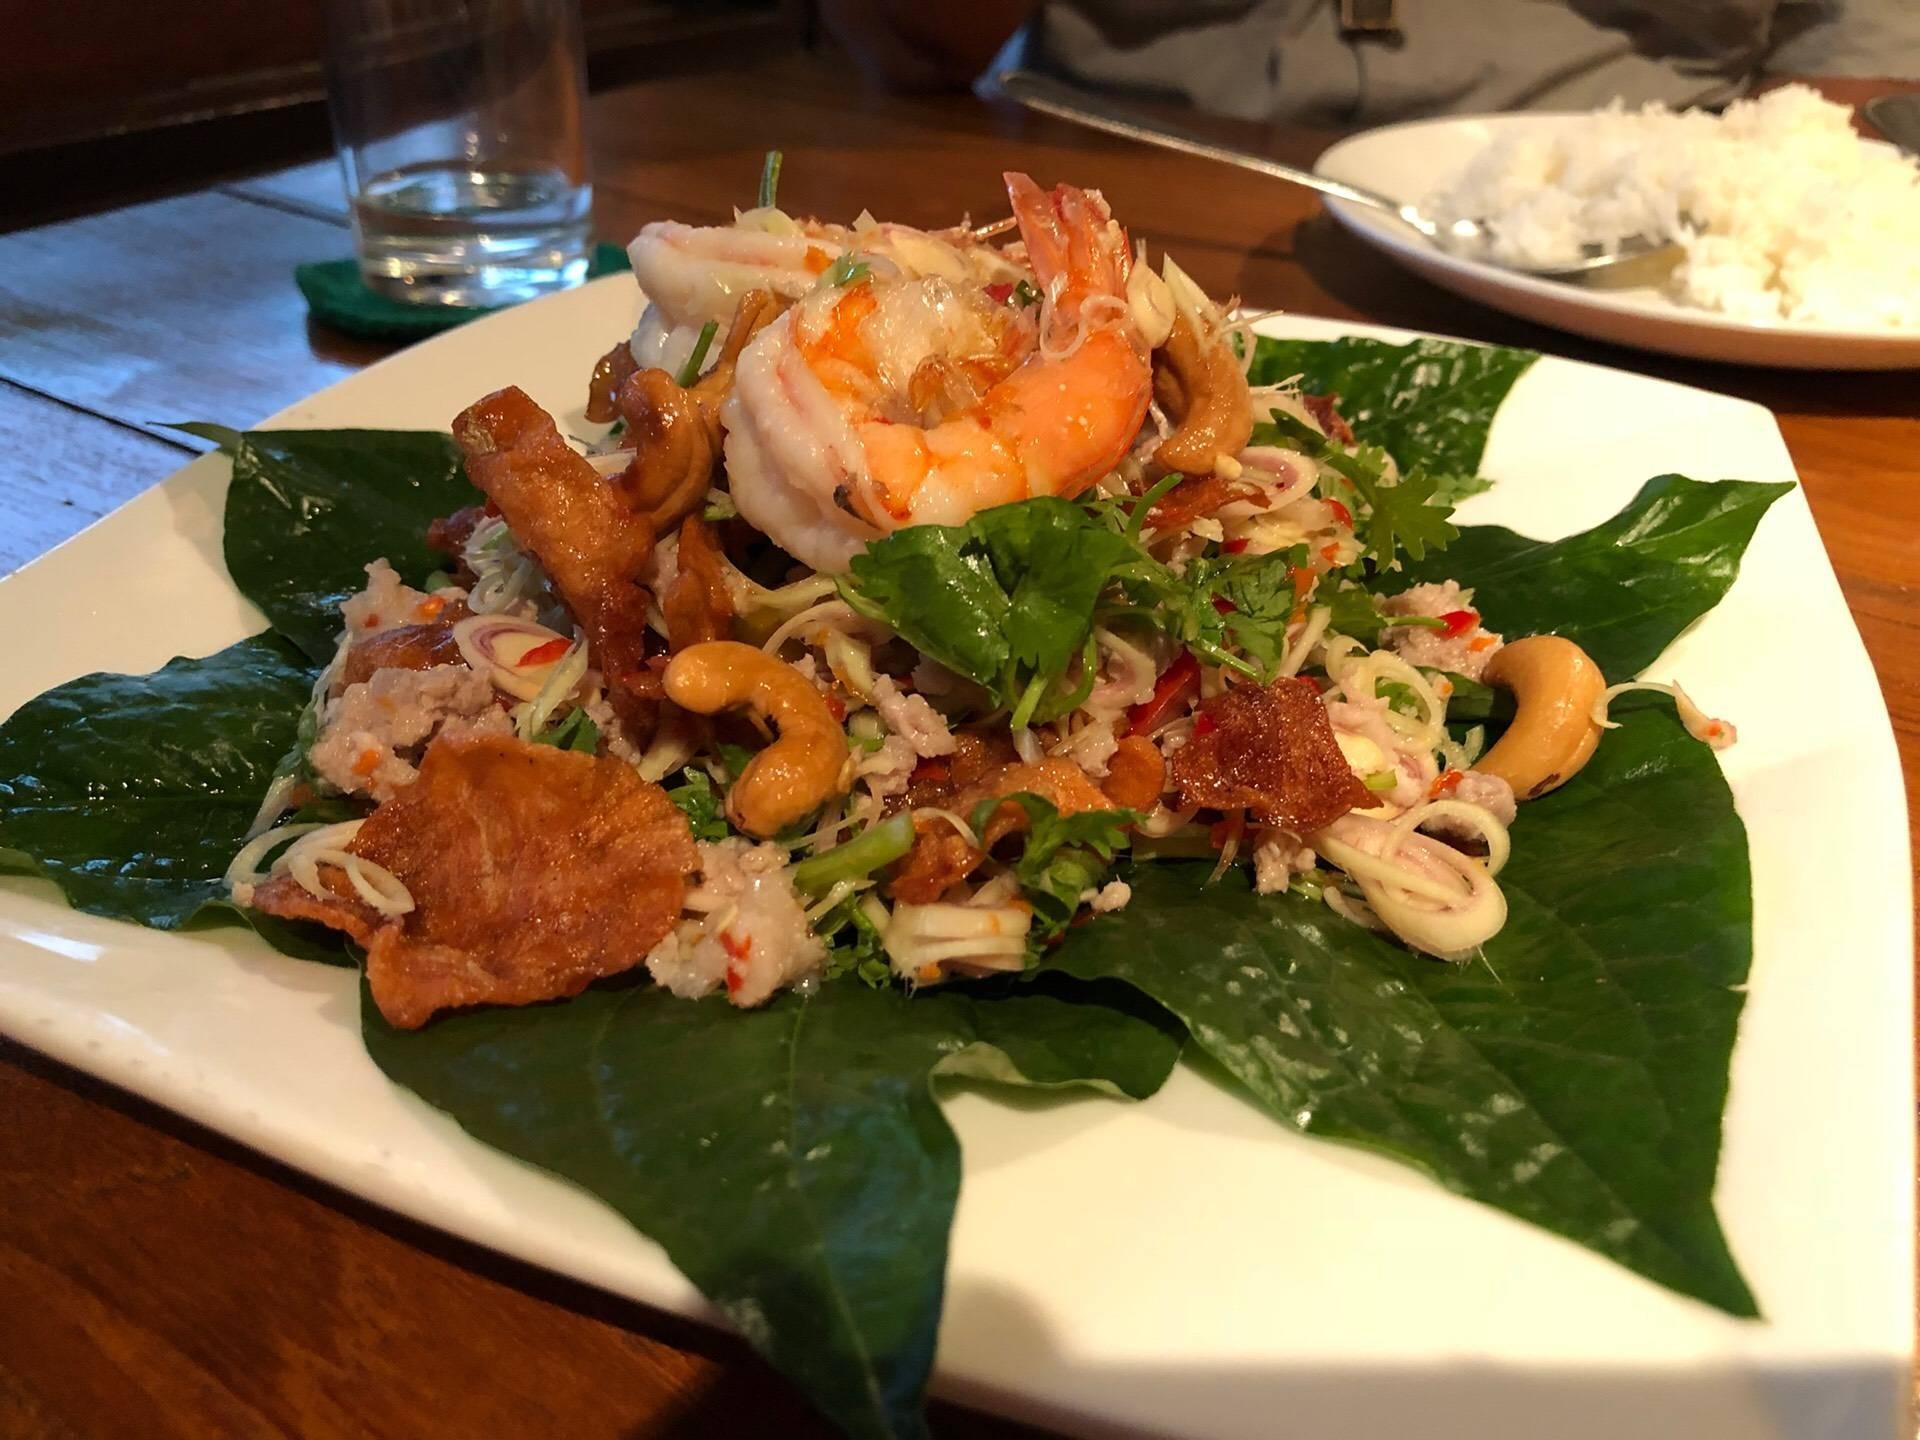 ค้นหาร้านอาหาร โรงแรม ที่พัก สถานที่ท่องเที่ยว ร้านเสริมสวยและสปา ใน ลพบุรี